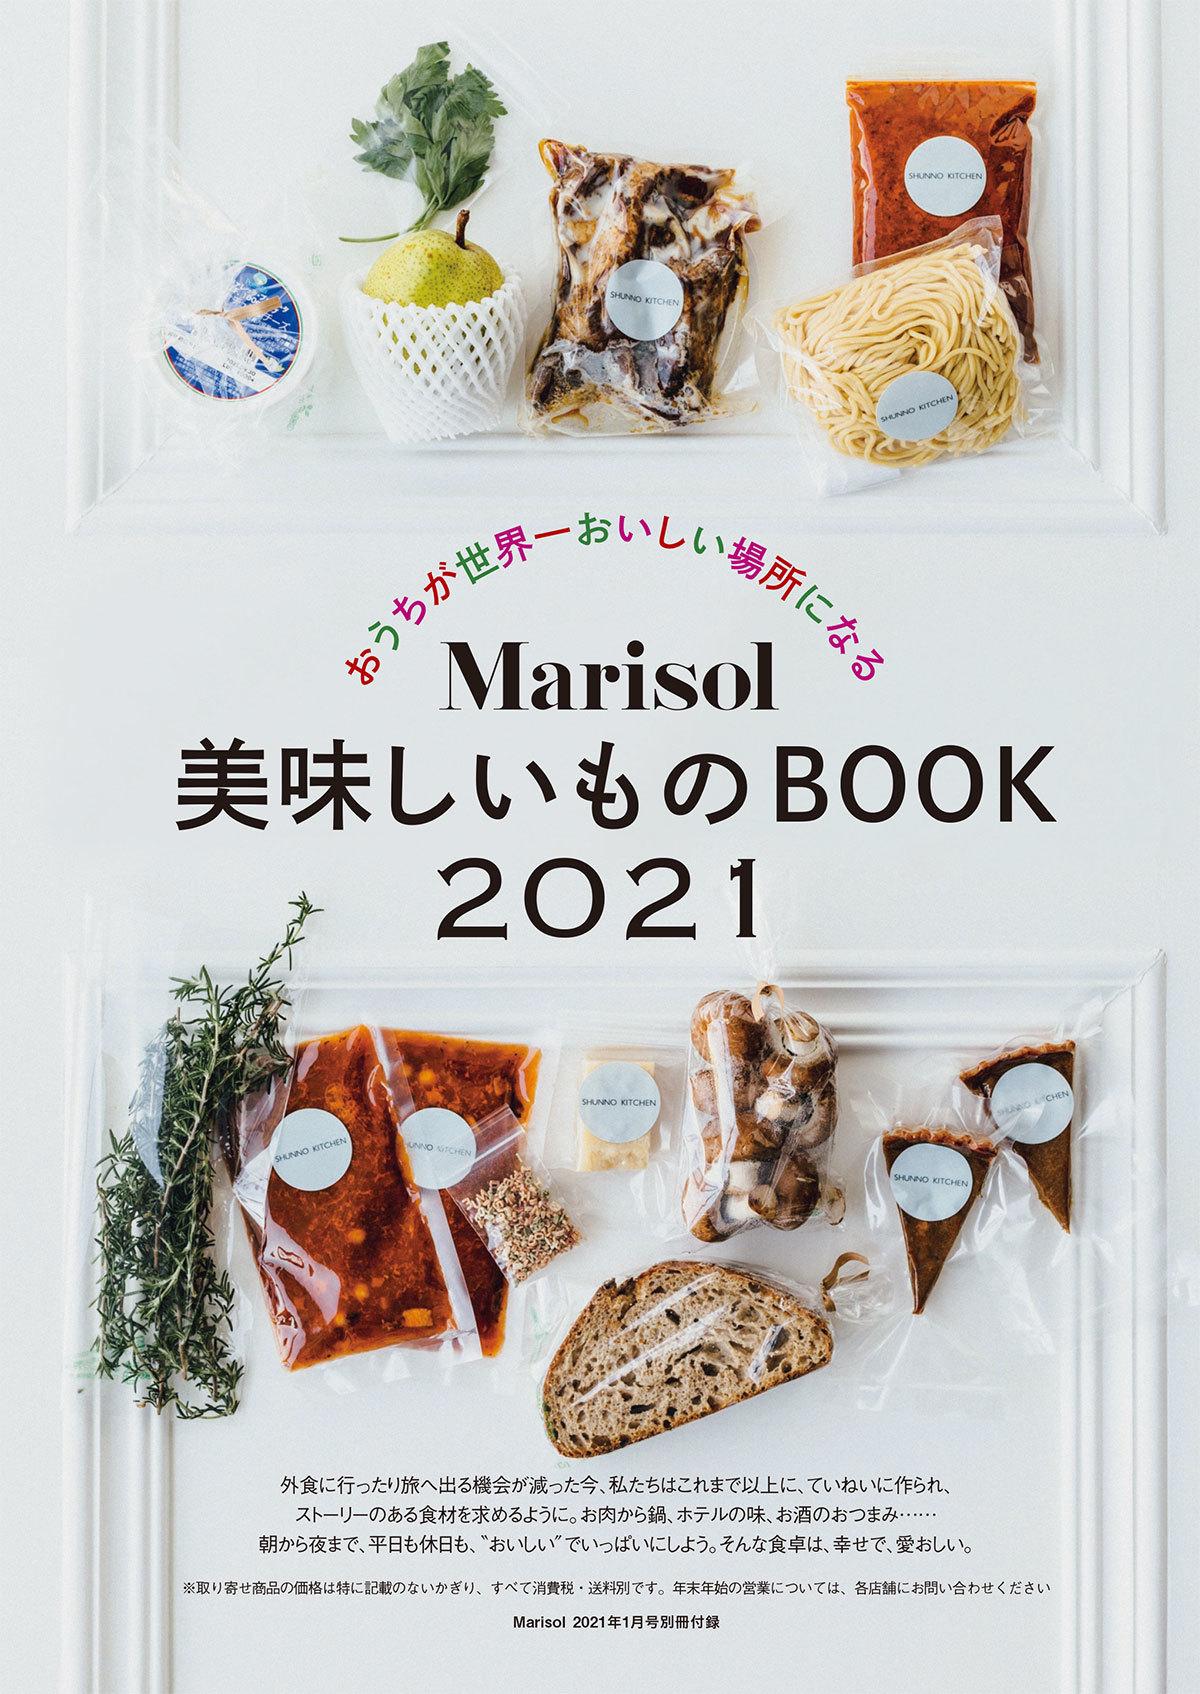 Marisol 美味しいものBOOK 2021